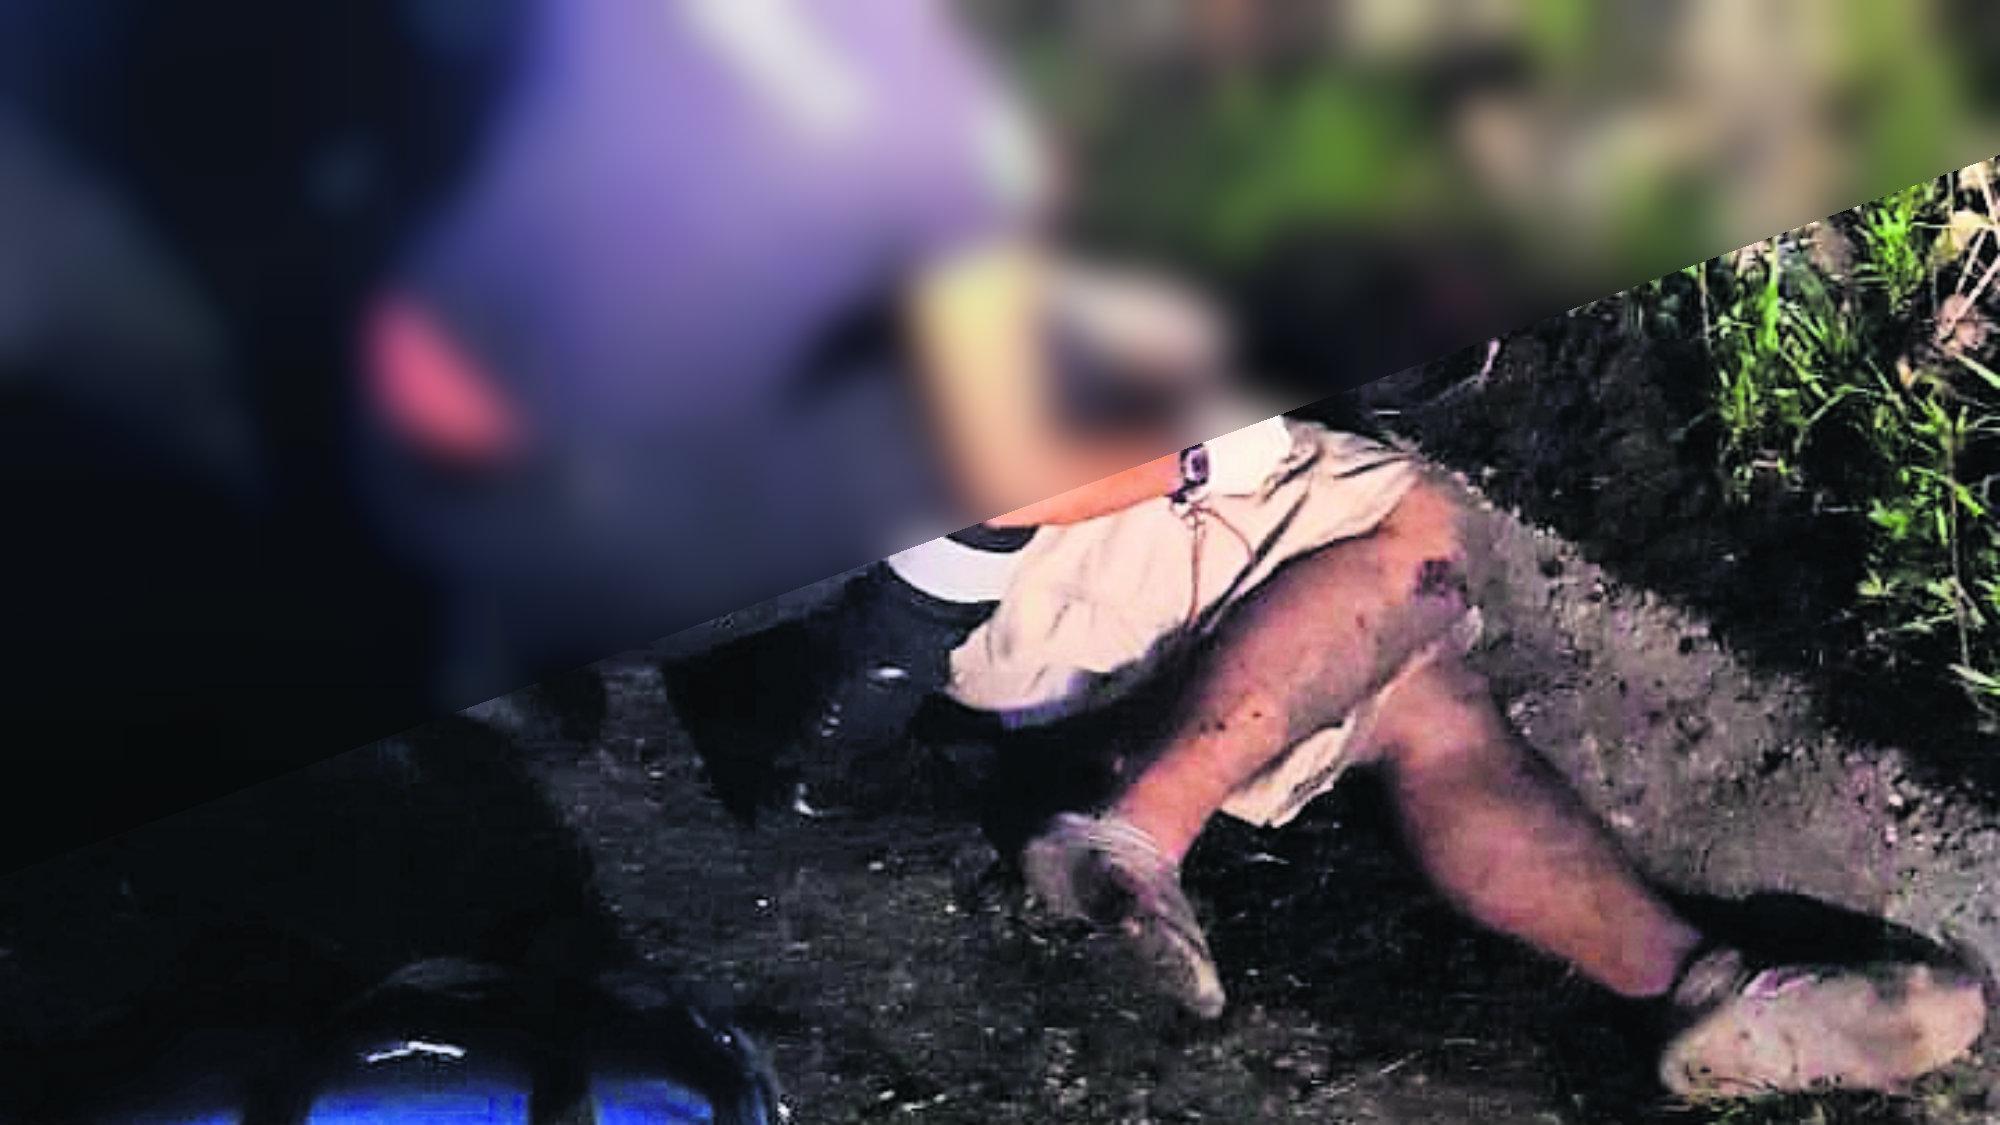 Motociclista borracho Pierde el control Derrapa Morelos